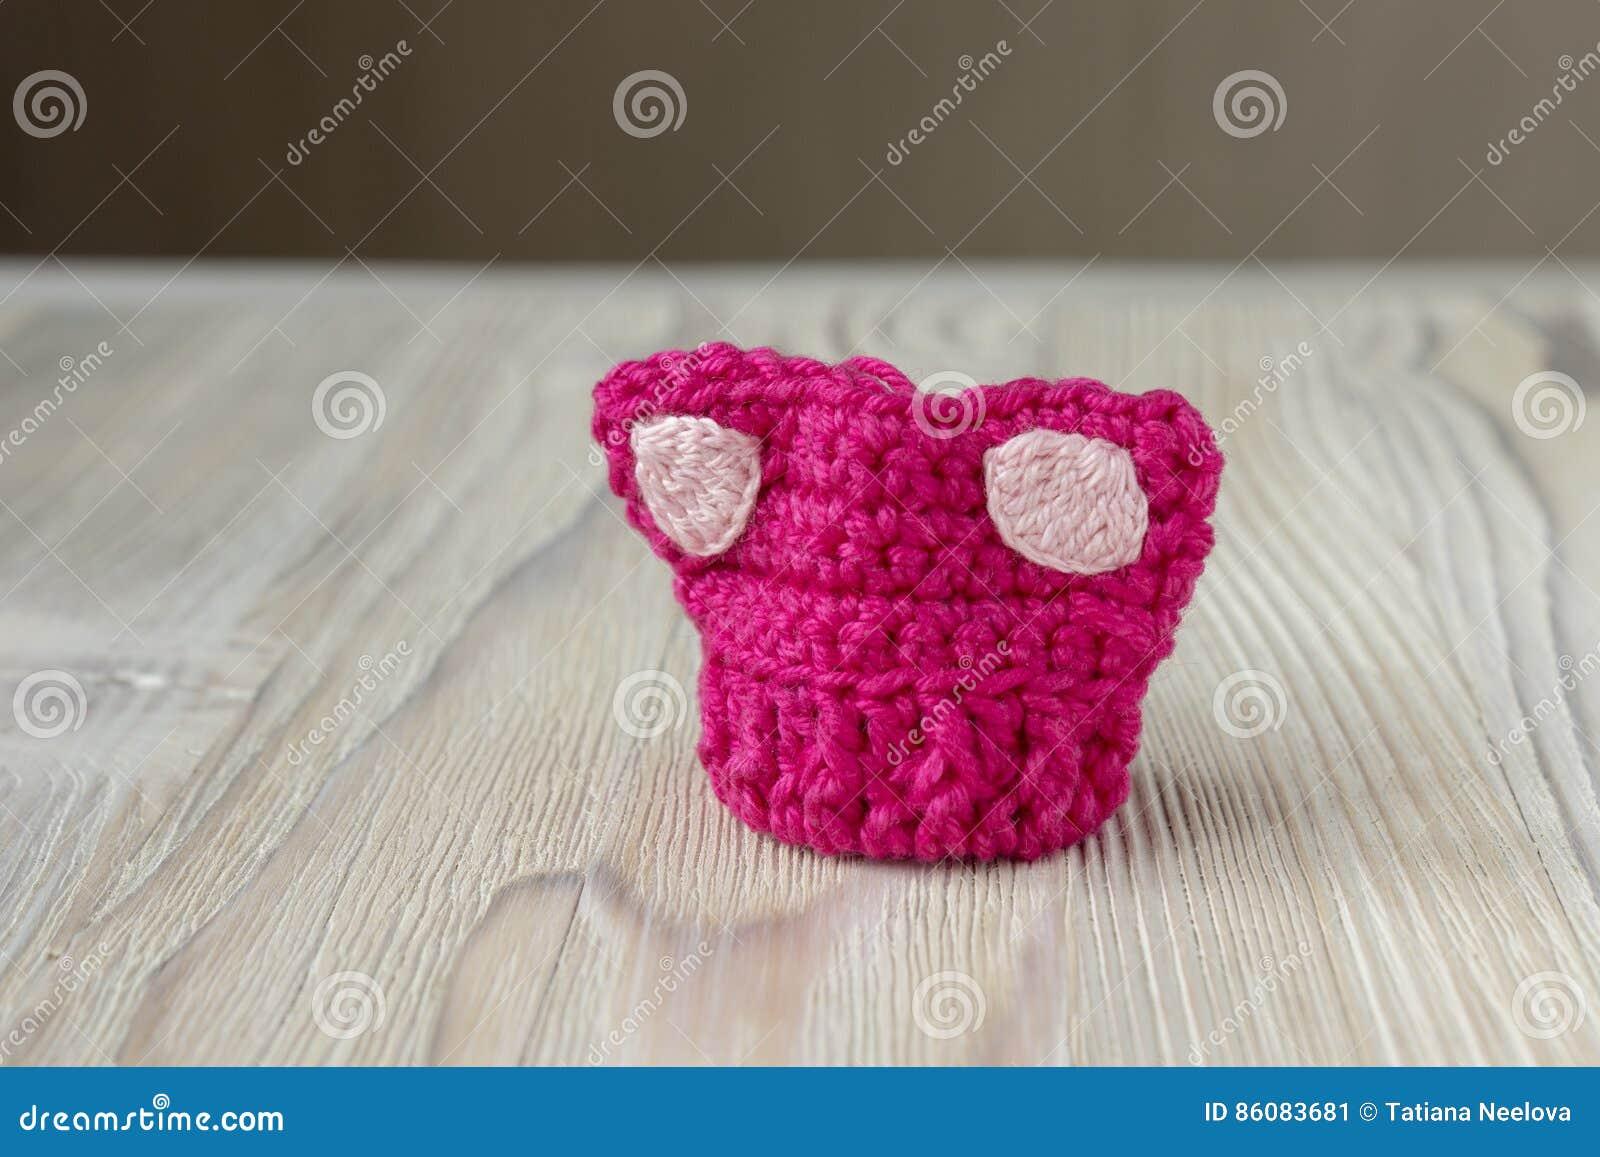 Vrouwen pussy foto